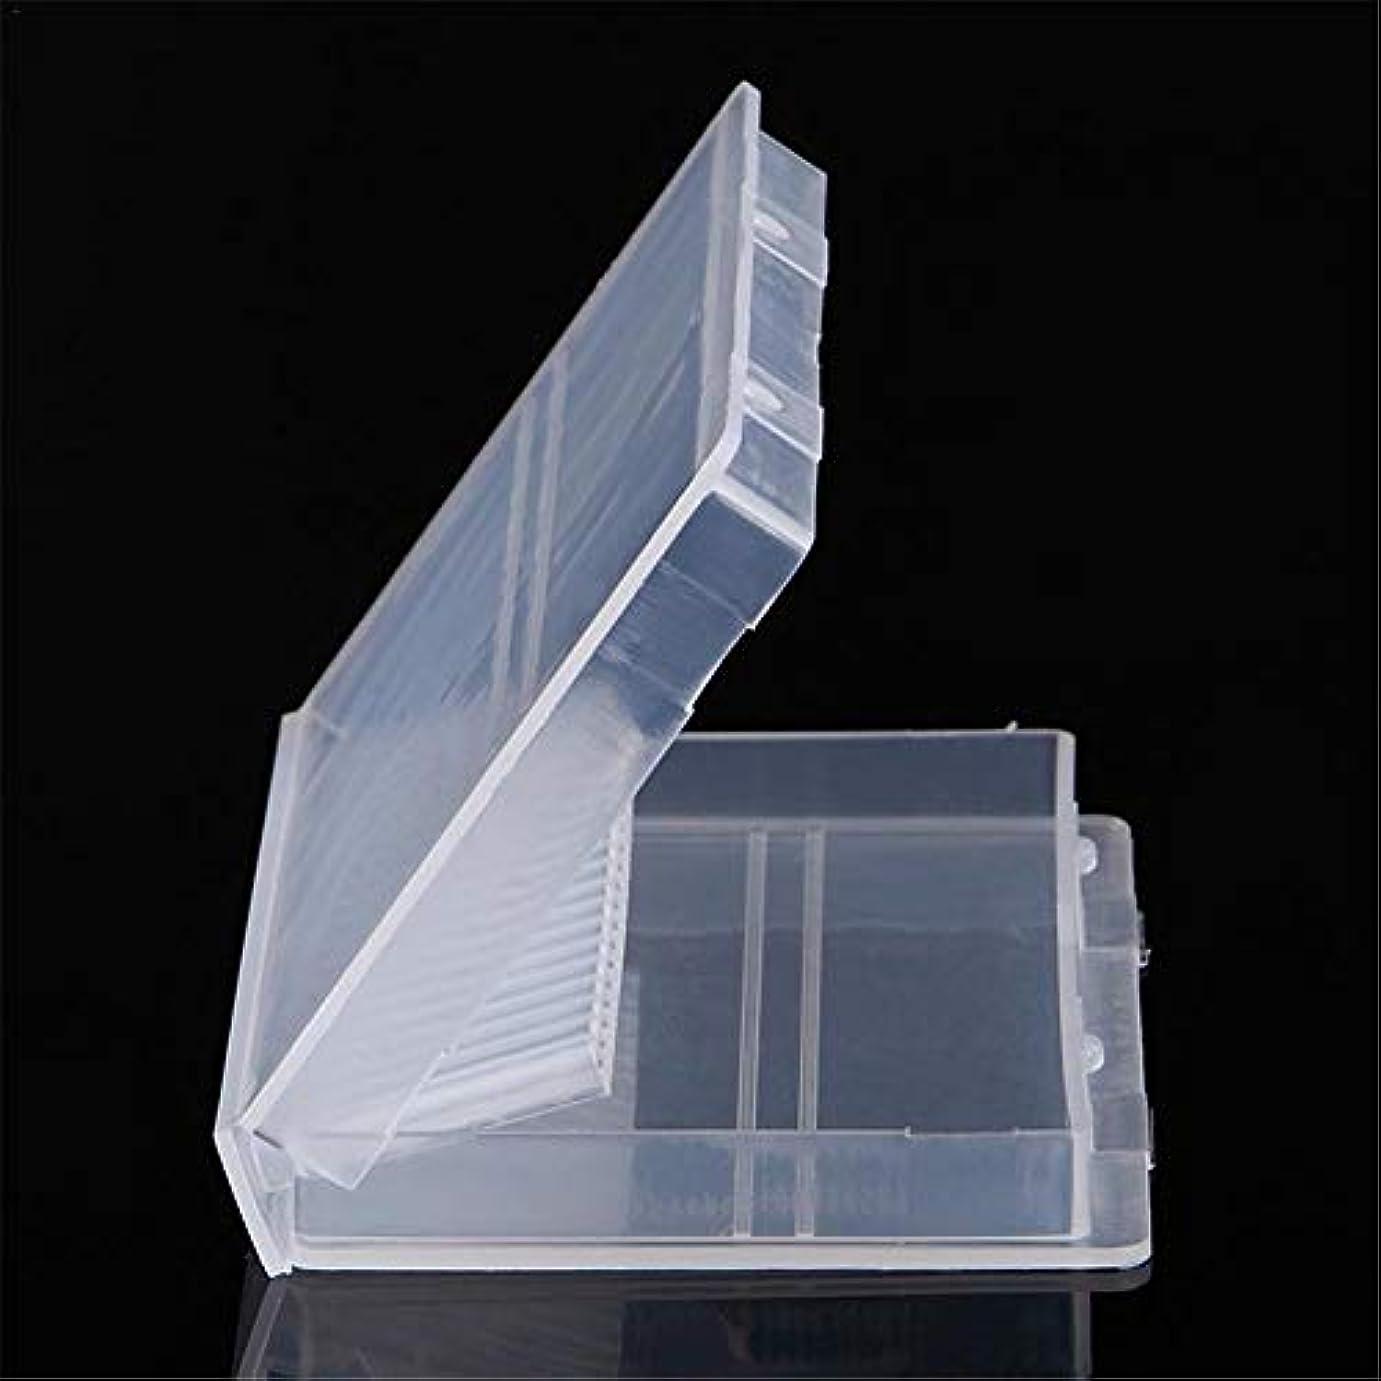 滴下不変虐殺Ruier-tong ネイルドリル 収納ケース ネイルビッドセット 研削ネイル用 透明 プラスチック 20穴 ネイル研削ヘッド収納ボックス